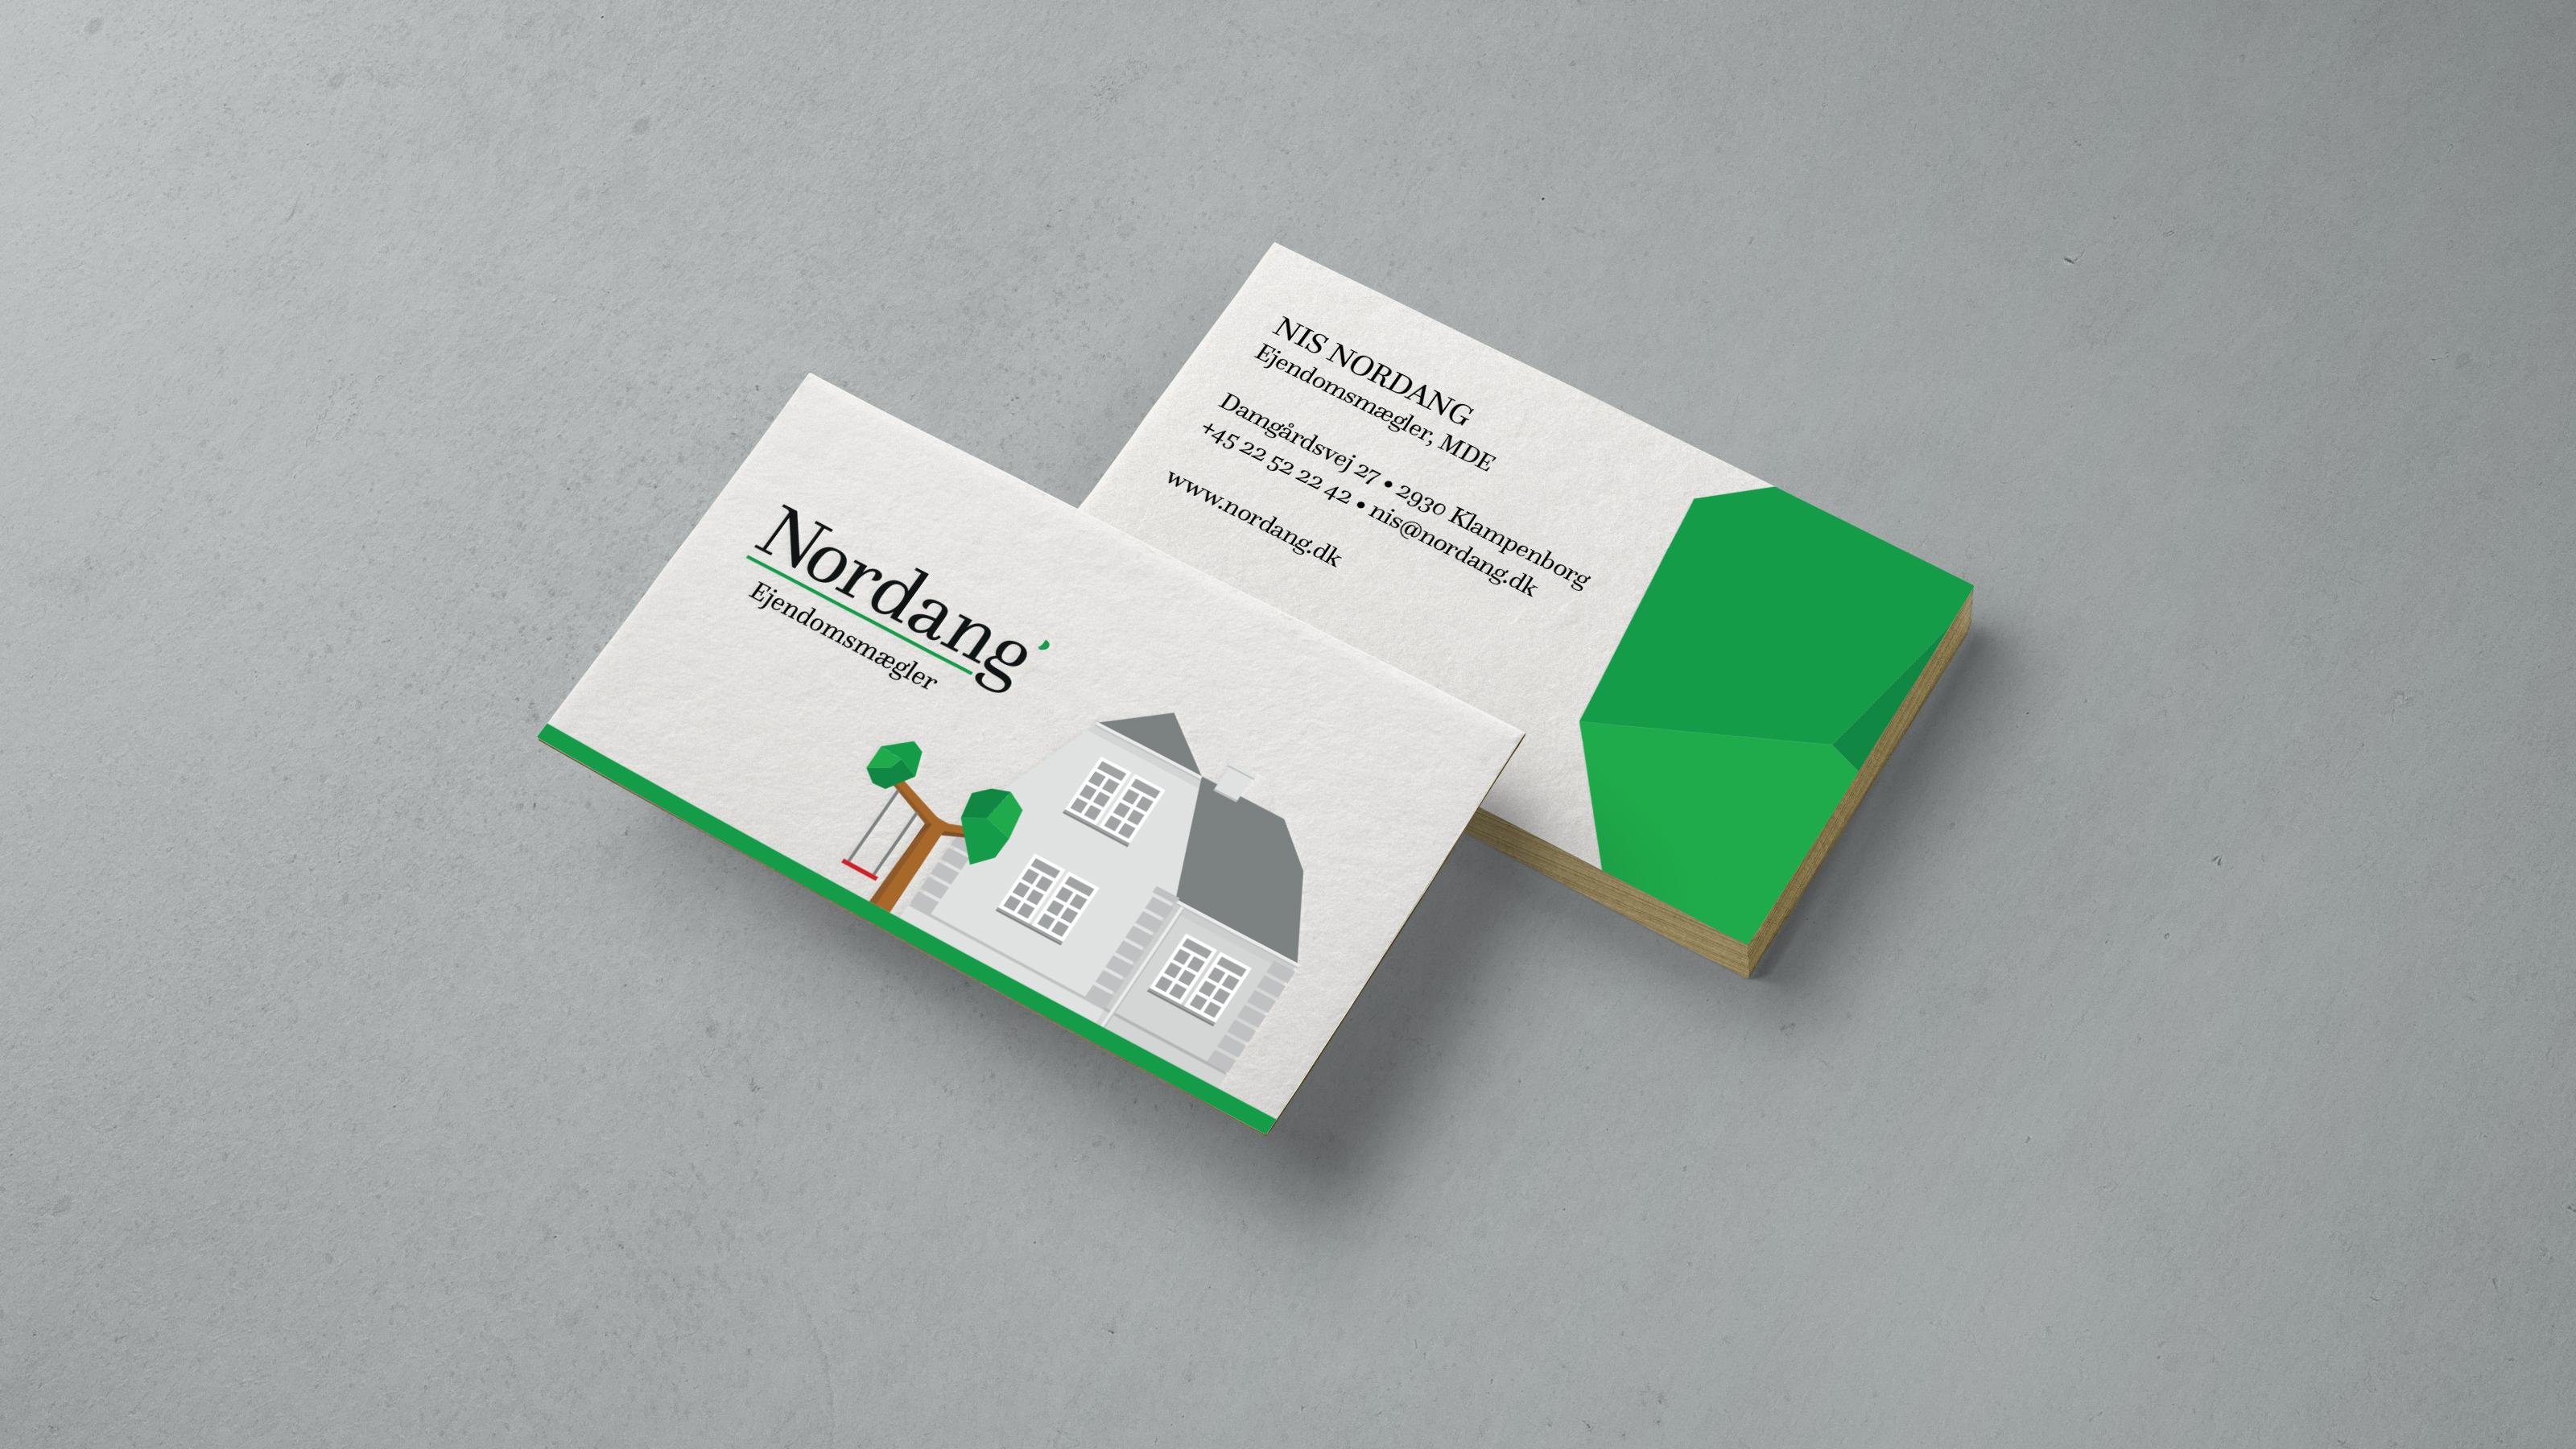 nordang_Business-Card-Mockup